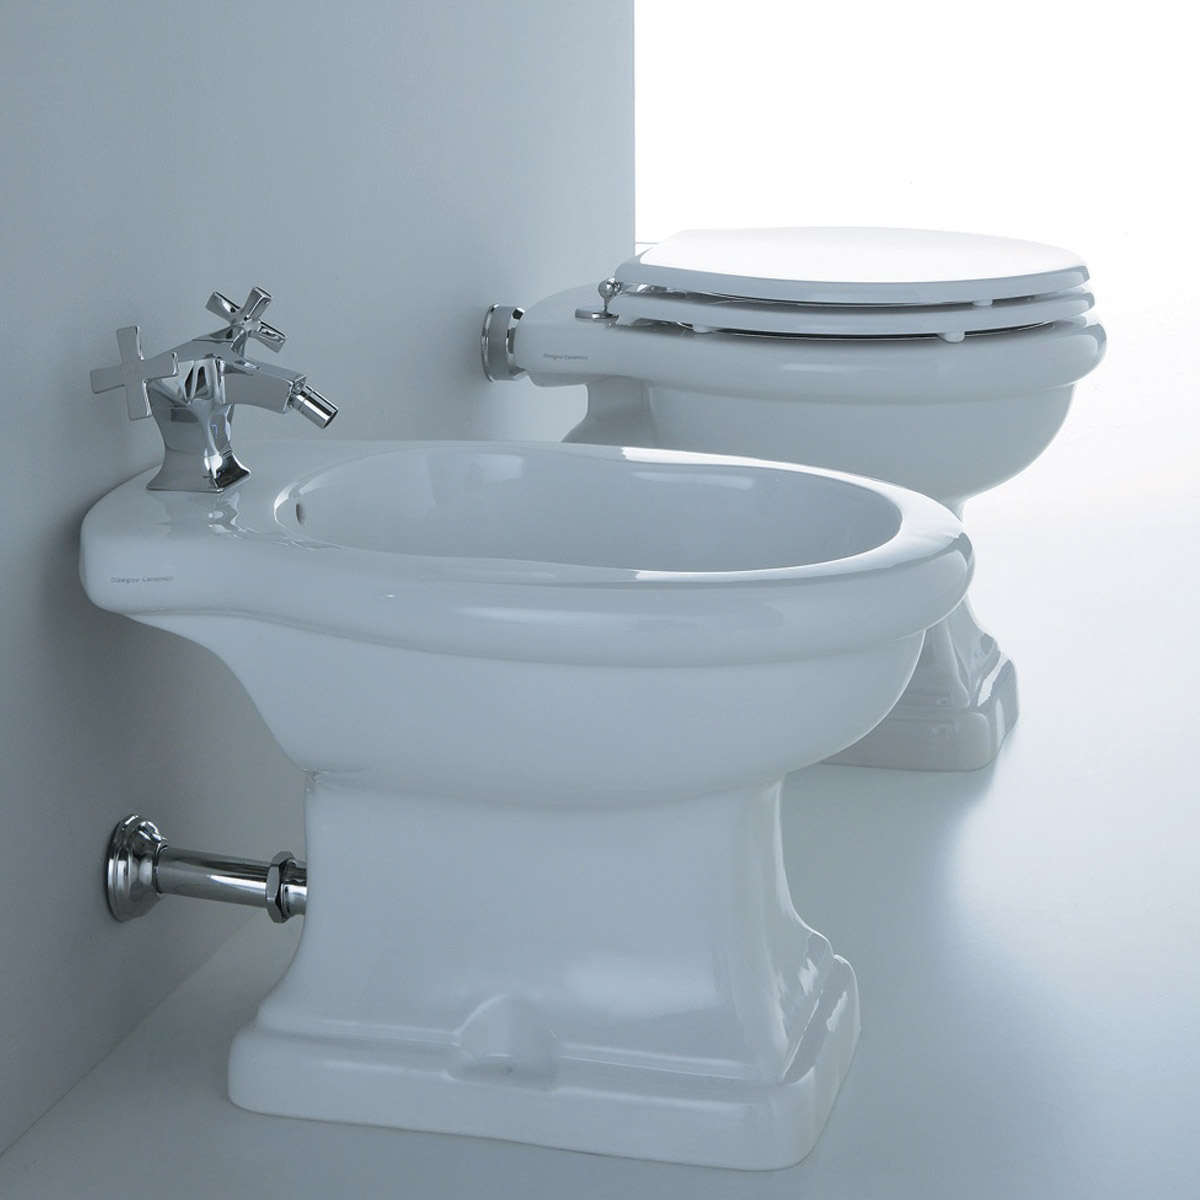 Sanitari bagno stile inglese paolina - Bagno in inglese ...